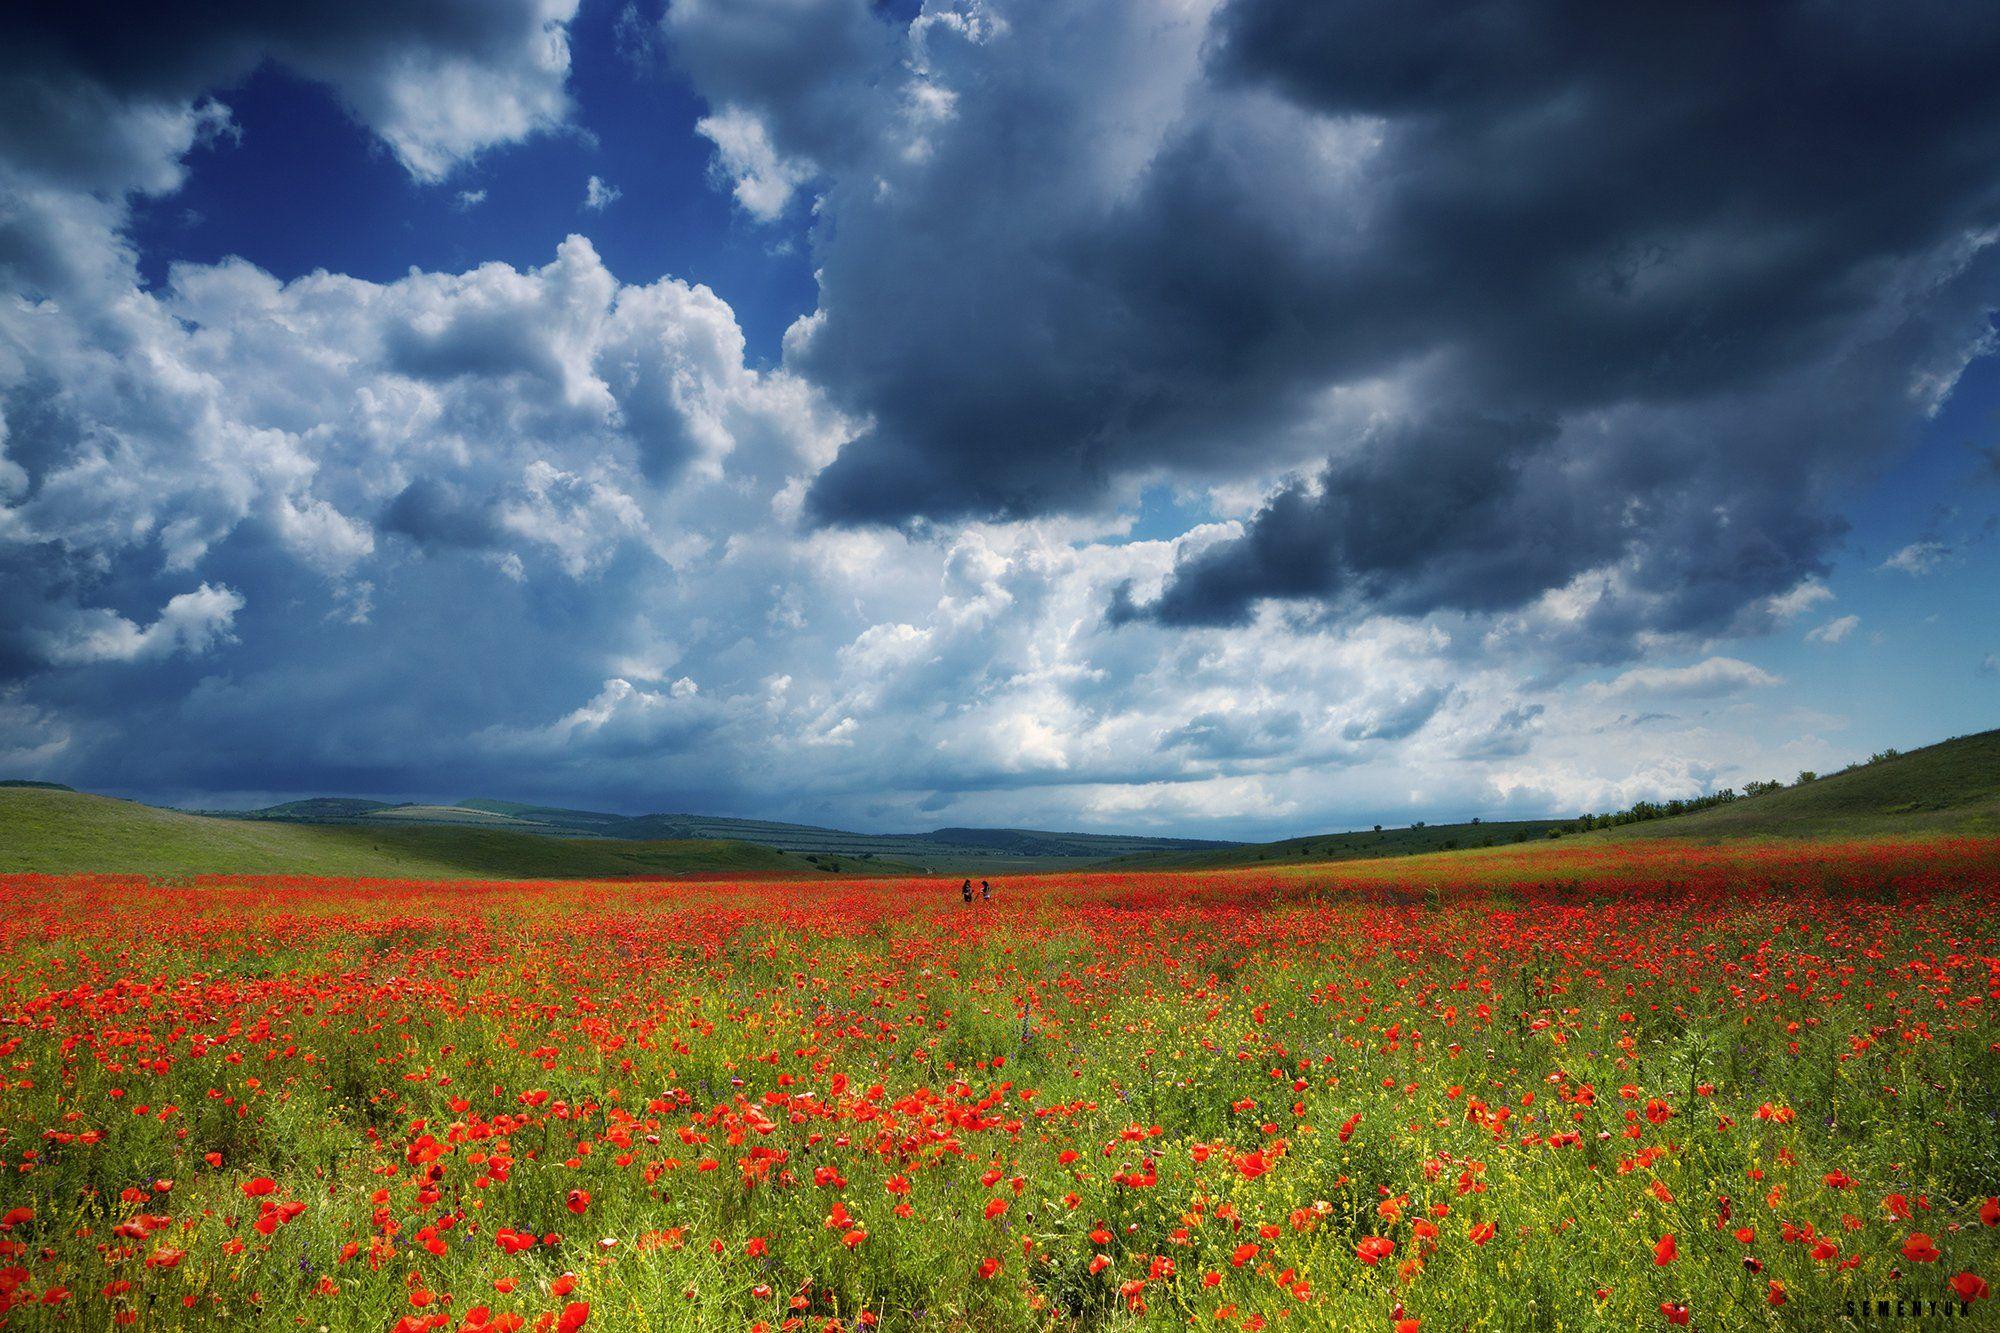 крым, маки, цветы, поле, небо, облака, люди., Семенюк Василий